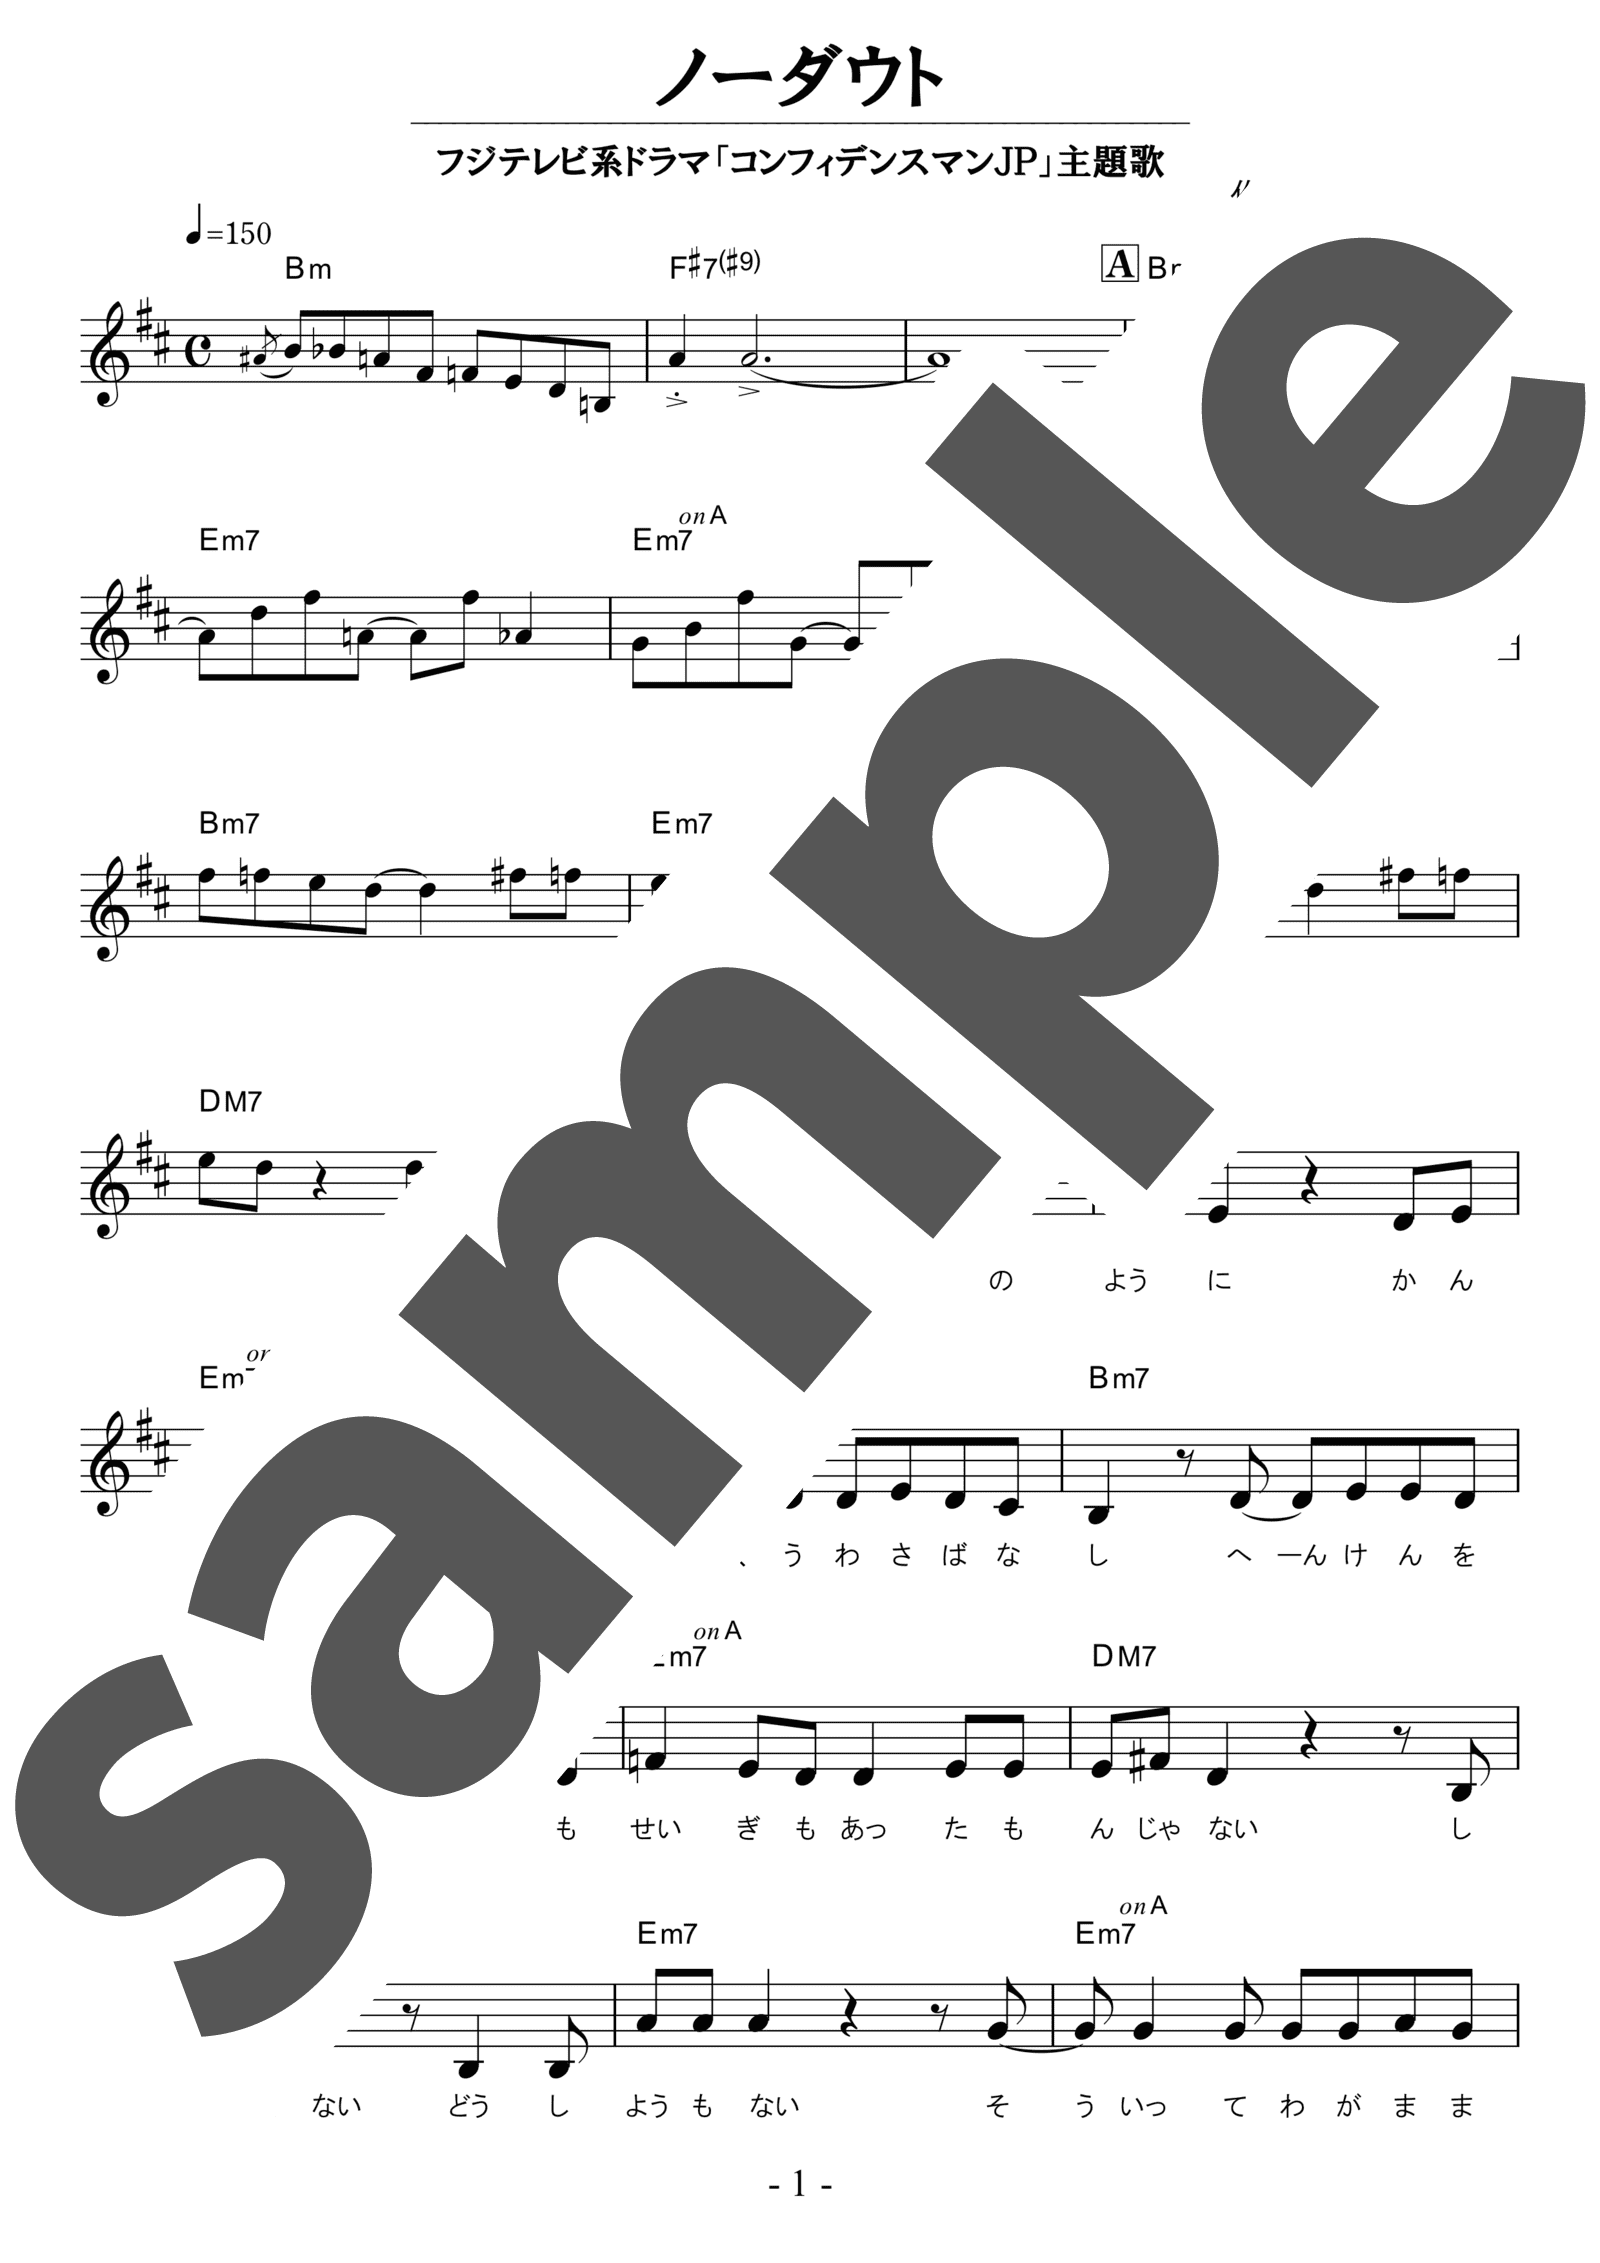 「ノーダウト」のサンプル楽譜